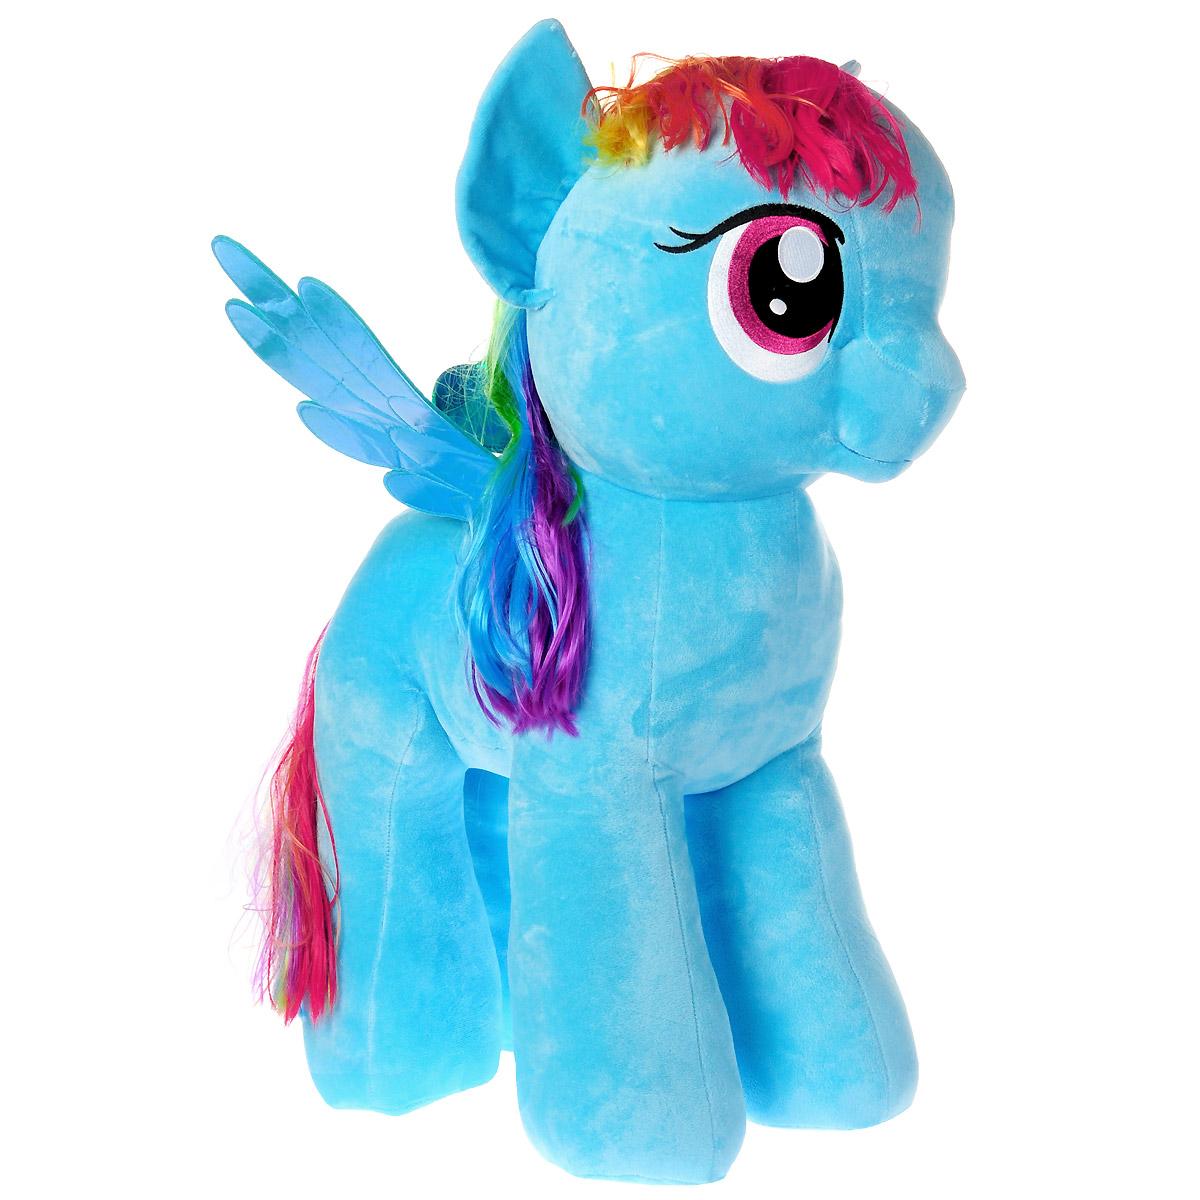 My Little Pony Мягкая игрушка Пони Rainbow Dash, 41 см